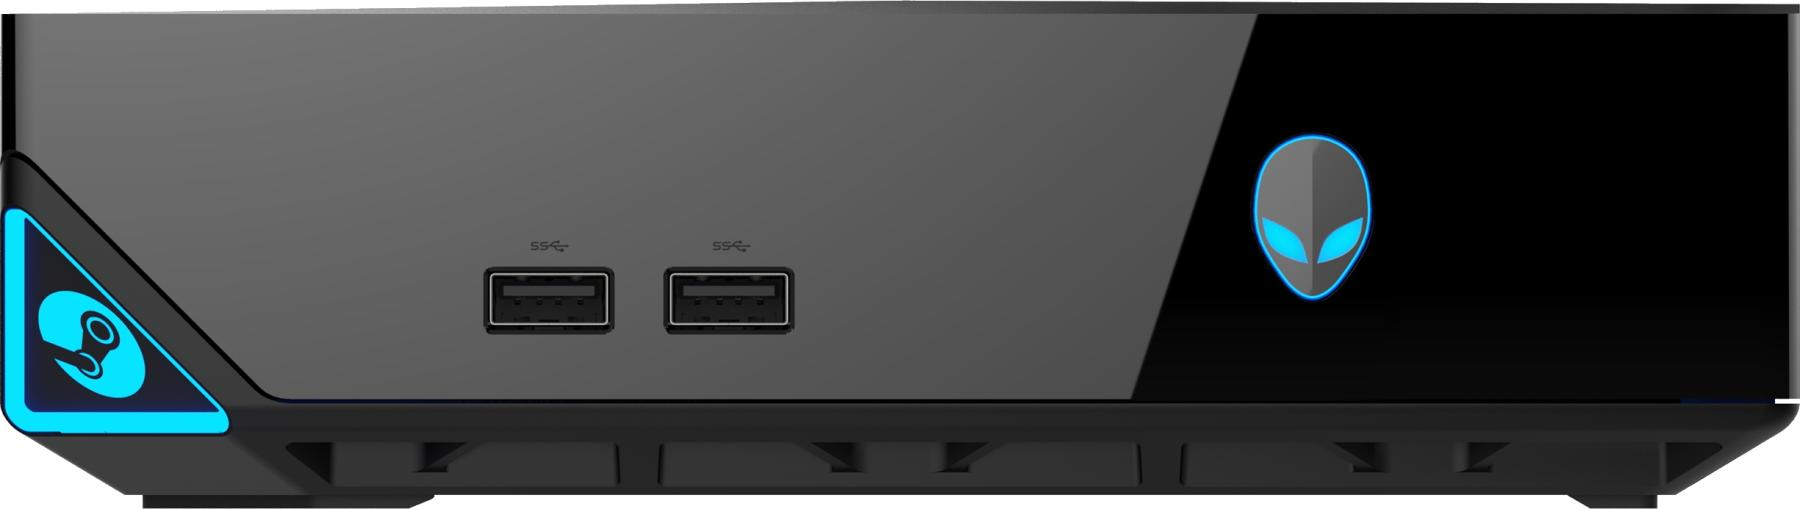 Alienware Alpha (i5)